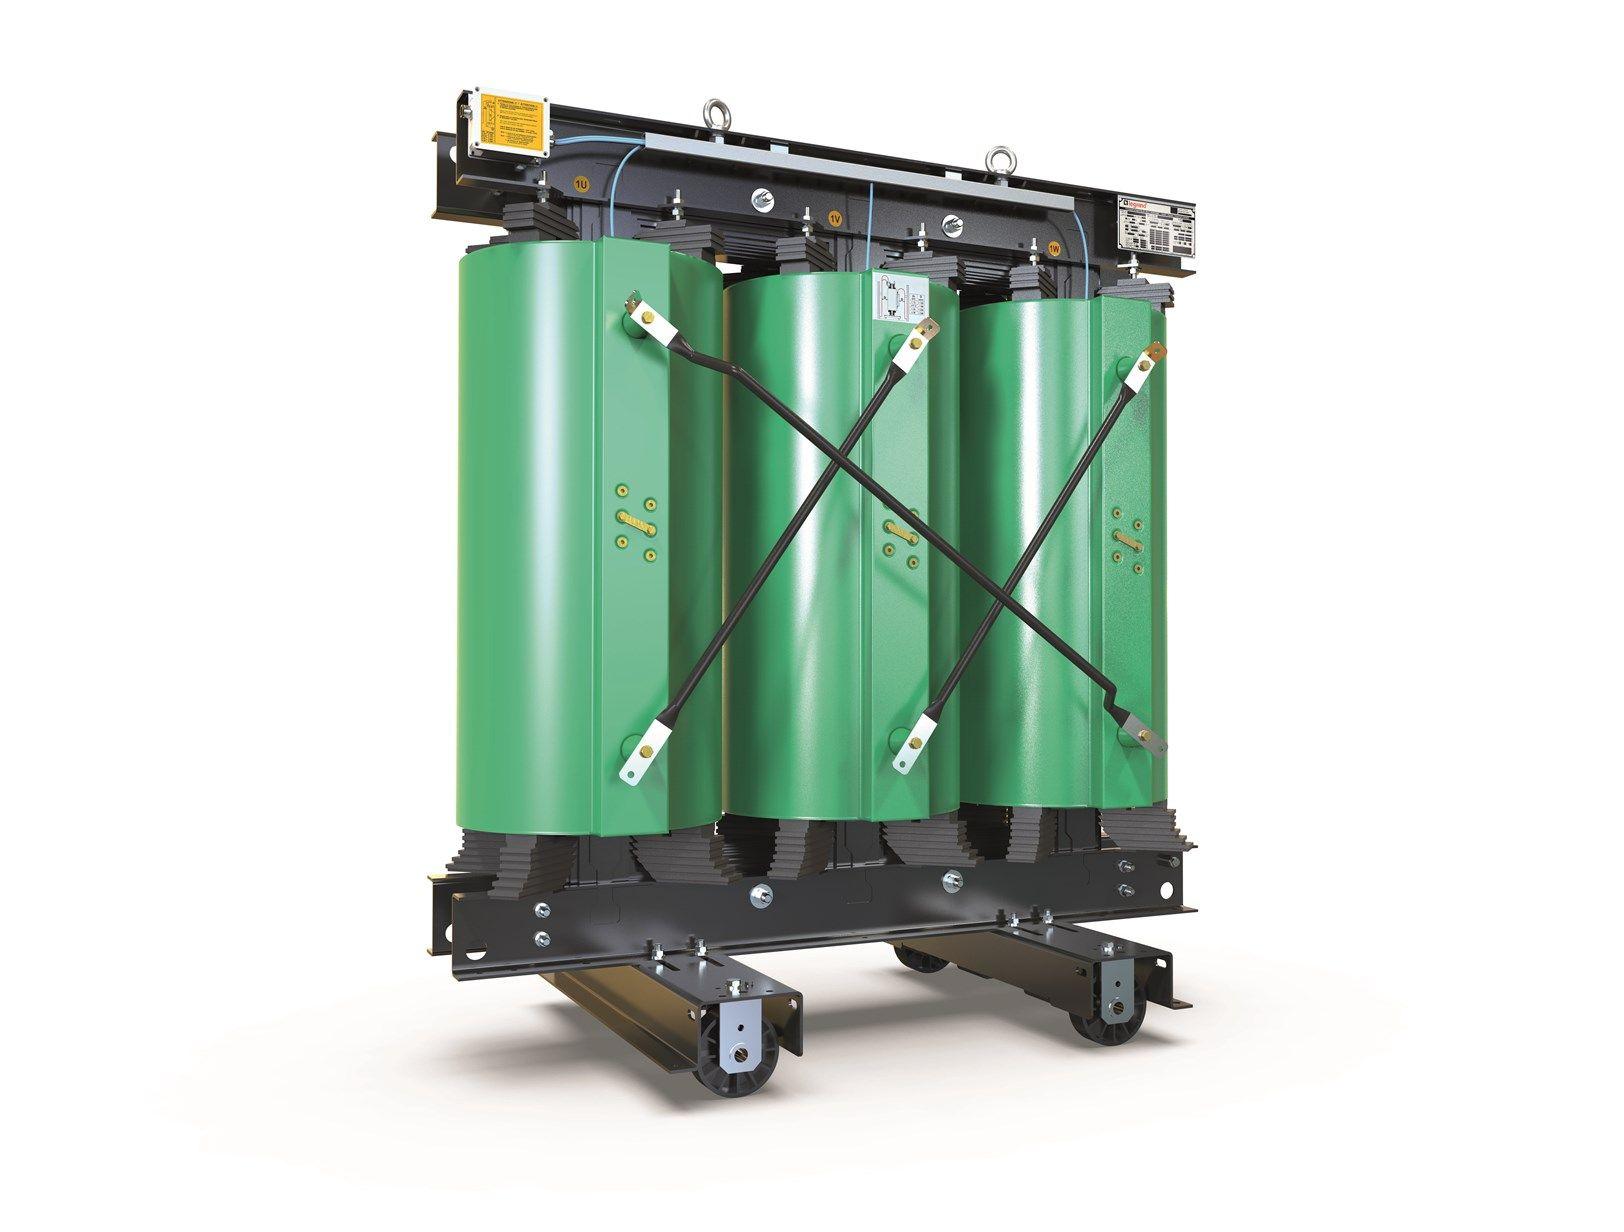 BTicino presenta i nuovi trasformatori in resina Green T.HE, ad alta efficienza energetica